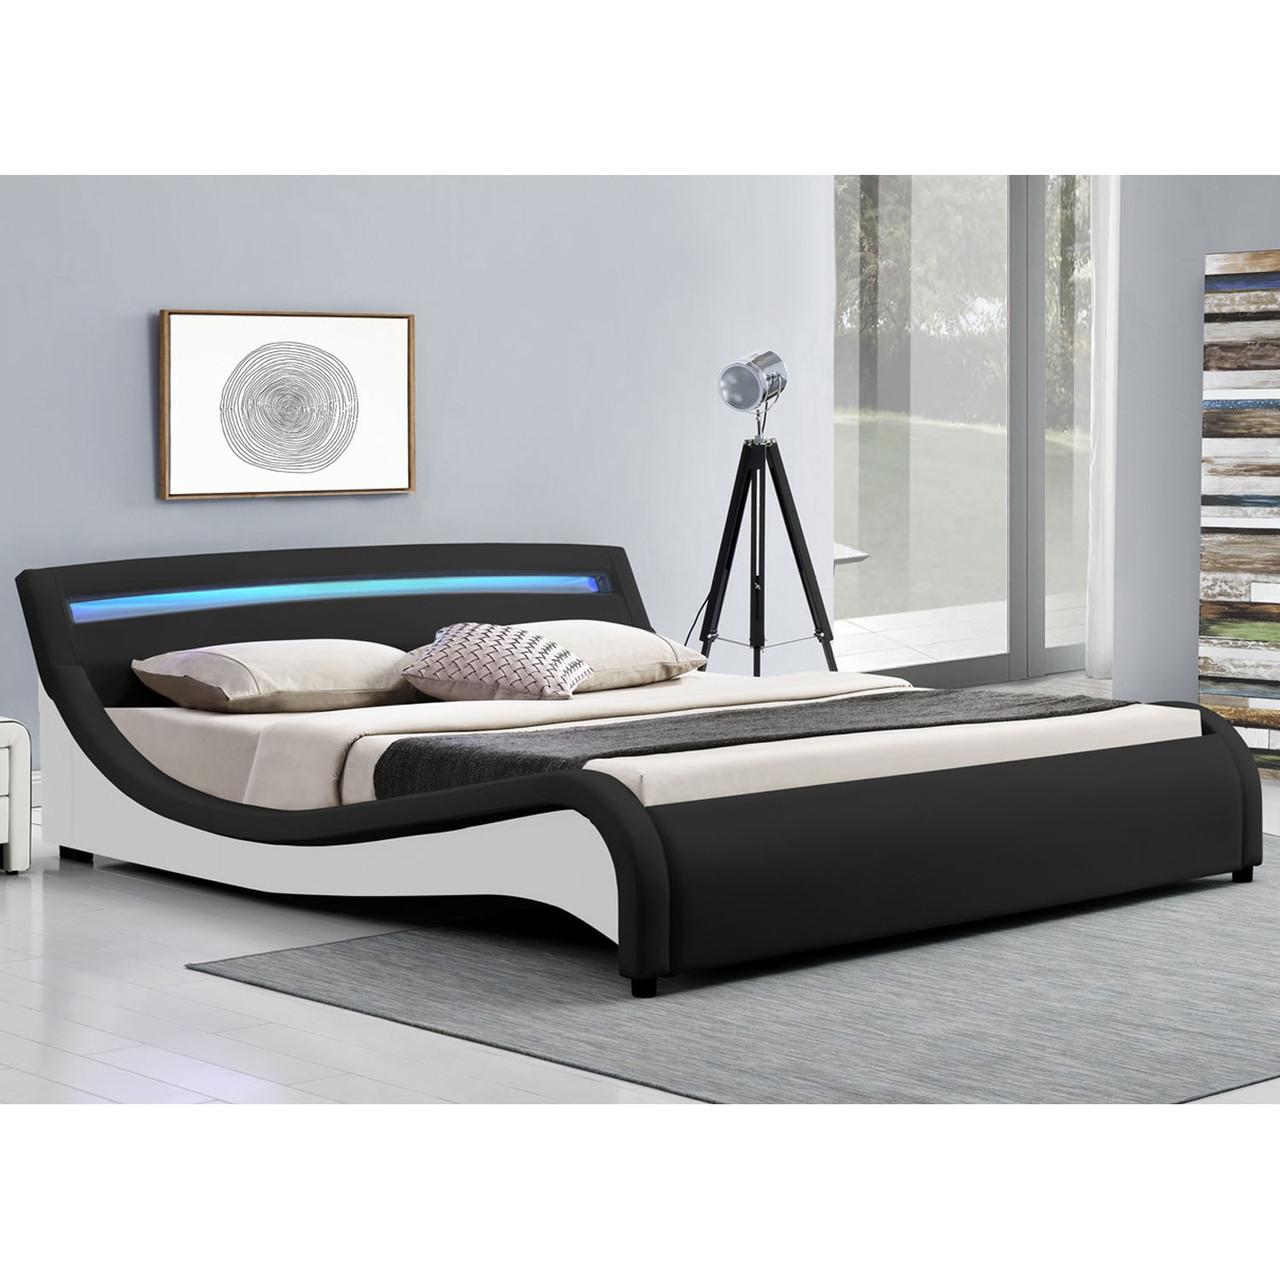 Двуспальная кровать Malaga 140х200 см. с LED подсветкой!